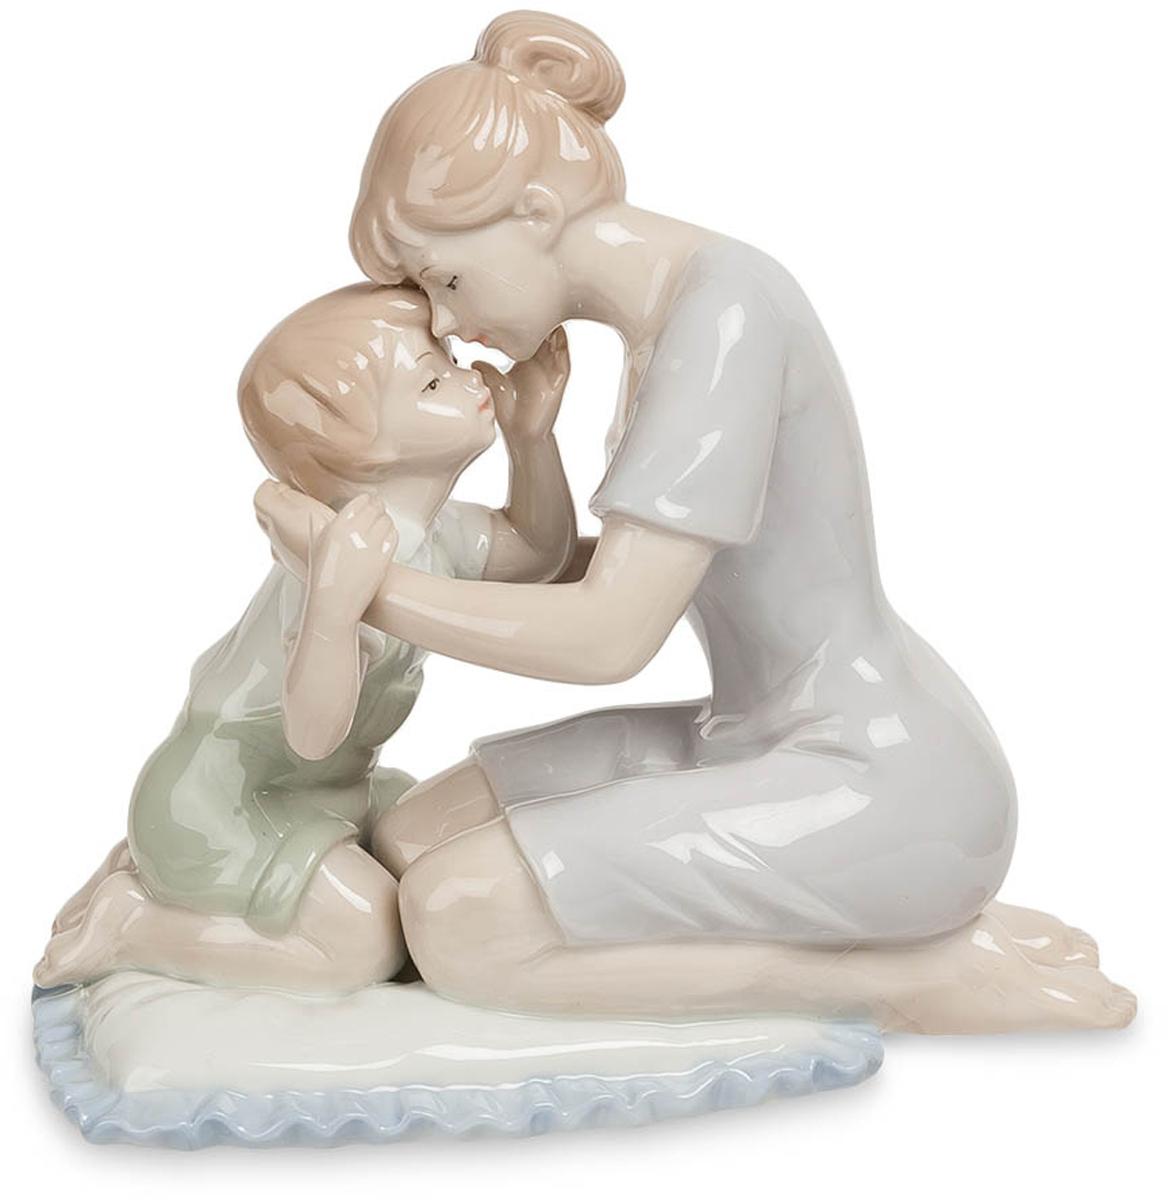 Статуэтка декоративная Pavone Мать с сыном, высота 14,5 смJP-15/37Декоративная статуэтка Pavone Мать с сыном станет оригинальным подарком для всех любителей стильных вещей. Она выполнена из высококачественного фарфора в виде матери с сыном. Изысканный сувенир станет прекрасным дополнением к интерьеру. Вы можете поставить статуэтку в любом месте, где она будет удачно смотреться и радовать глаз. Размер статуэтки: 15,5 х 8,5 х 14,5 см.